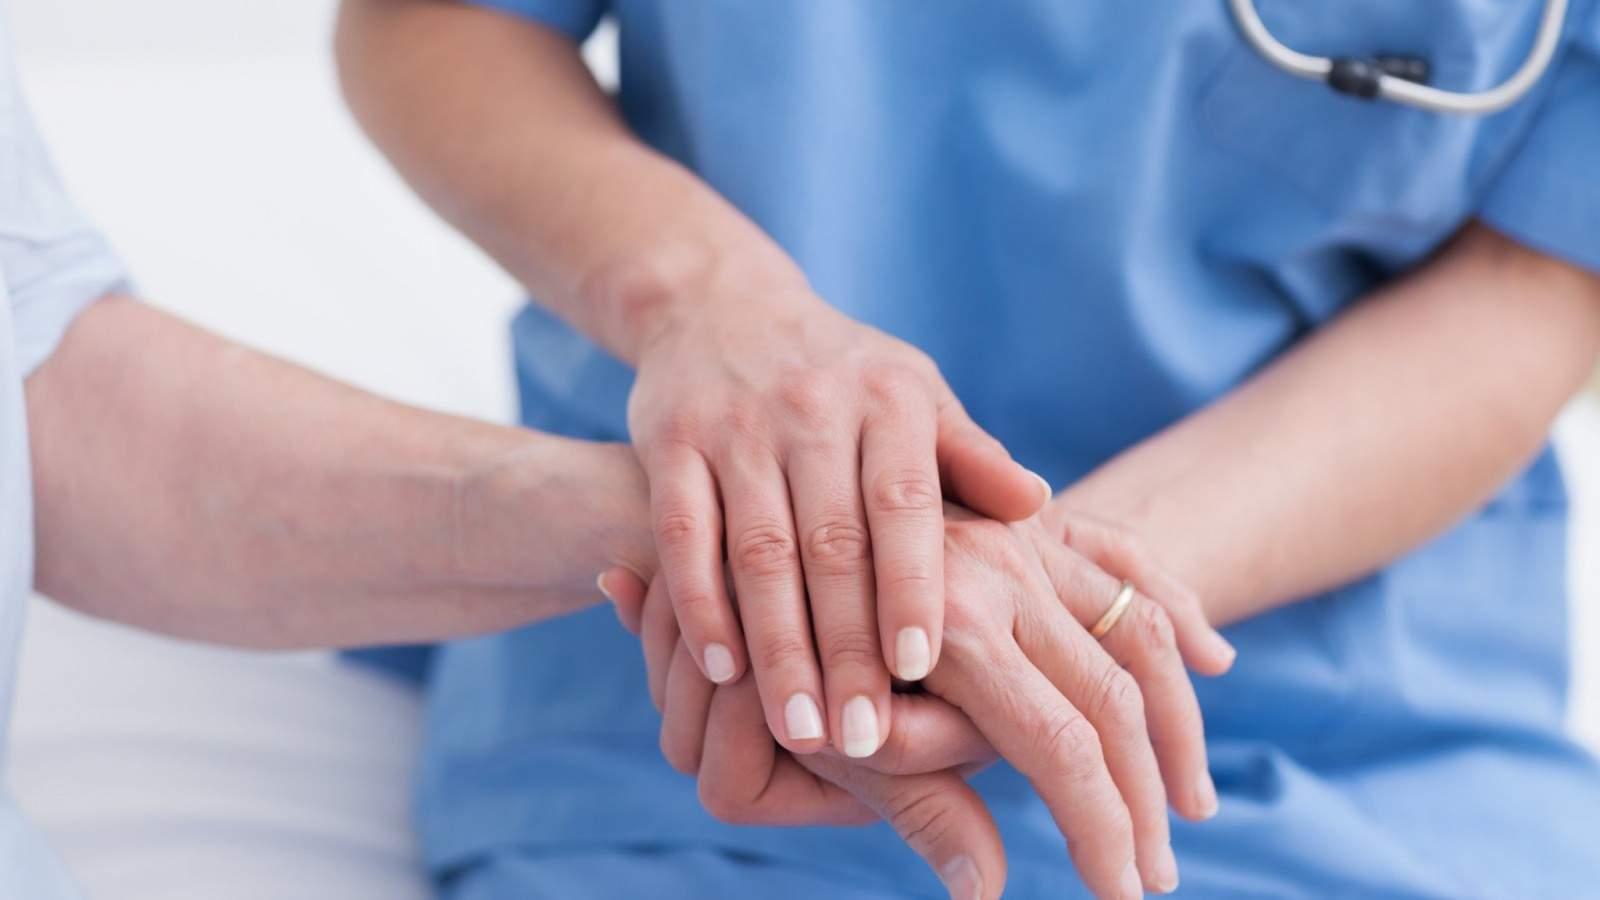 終身看護におけるトータルペインについて